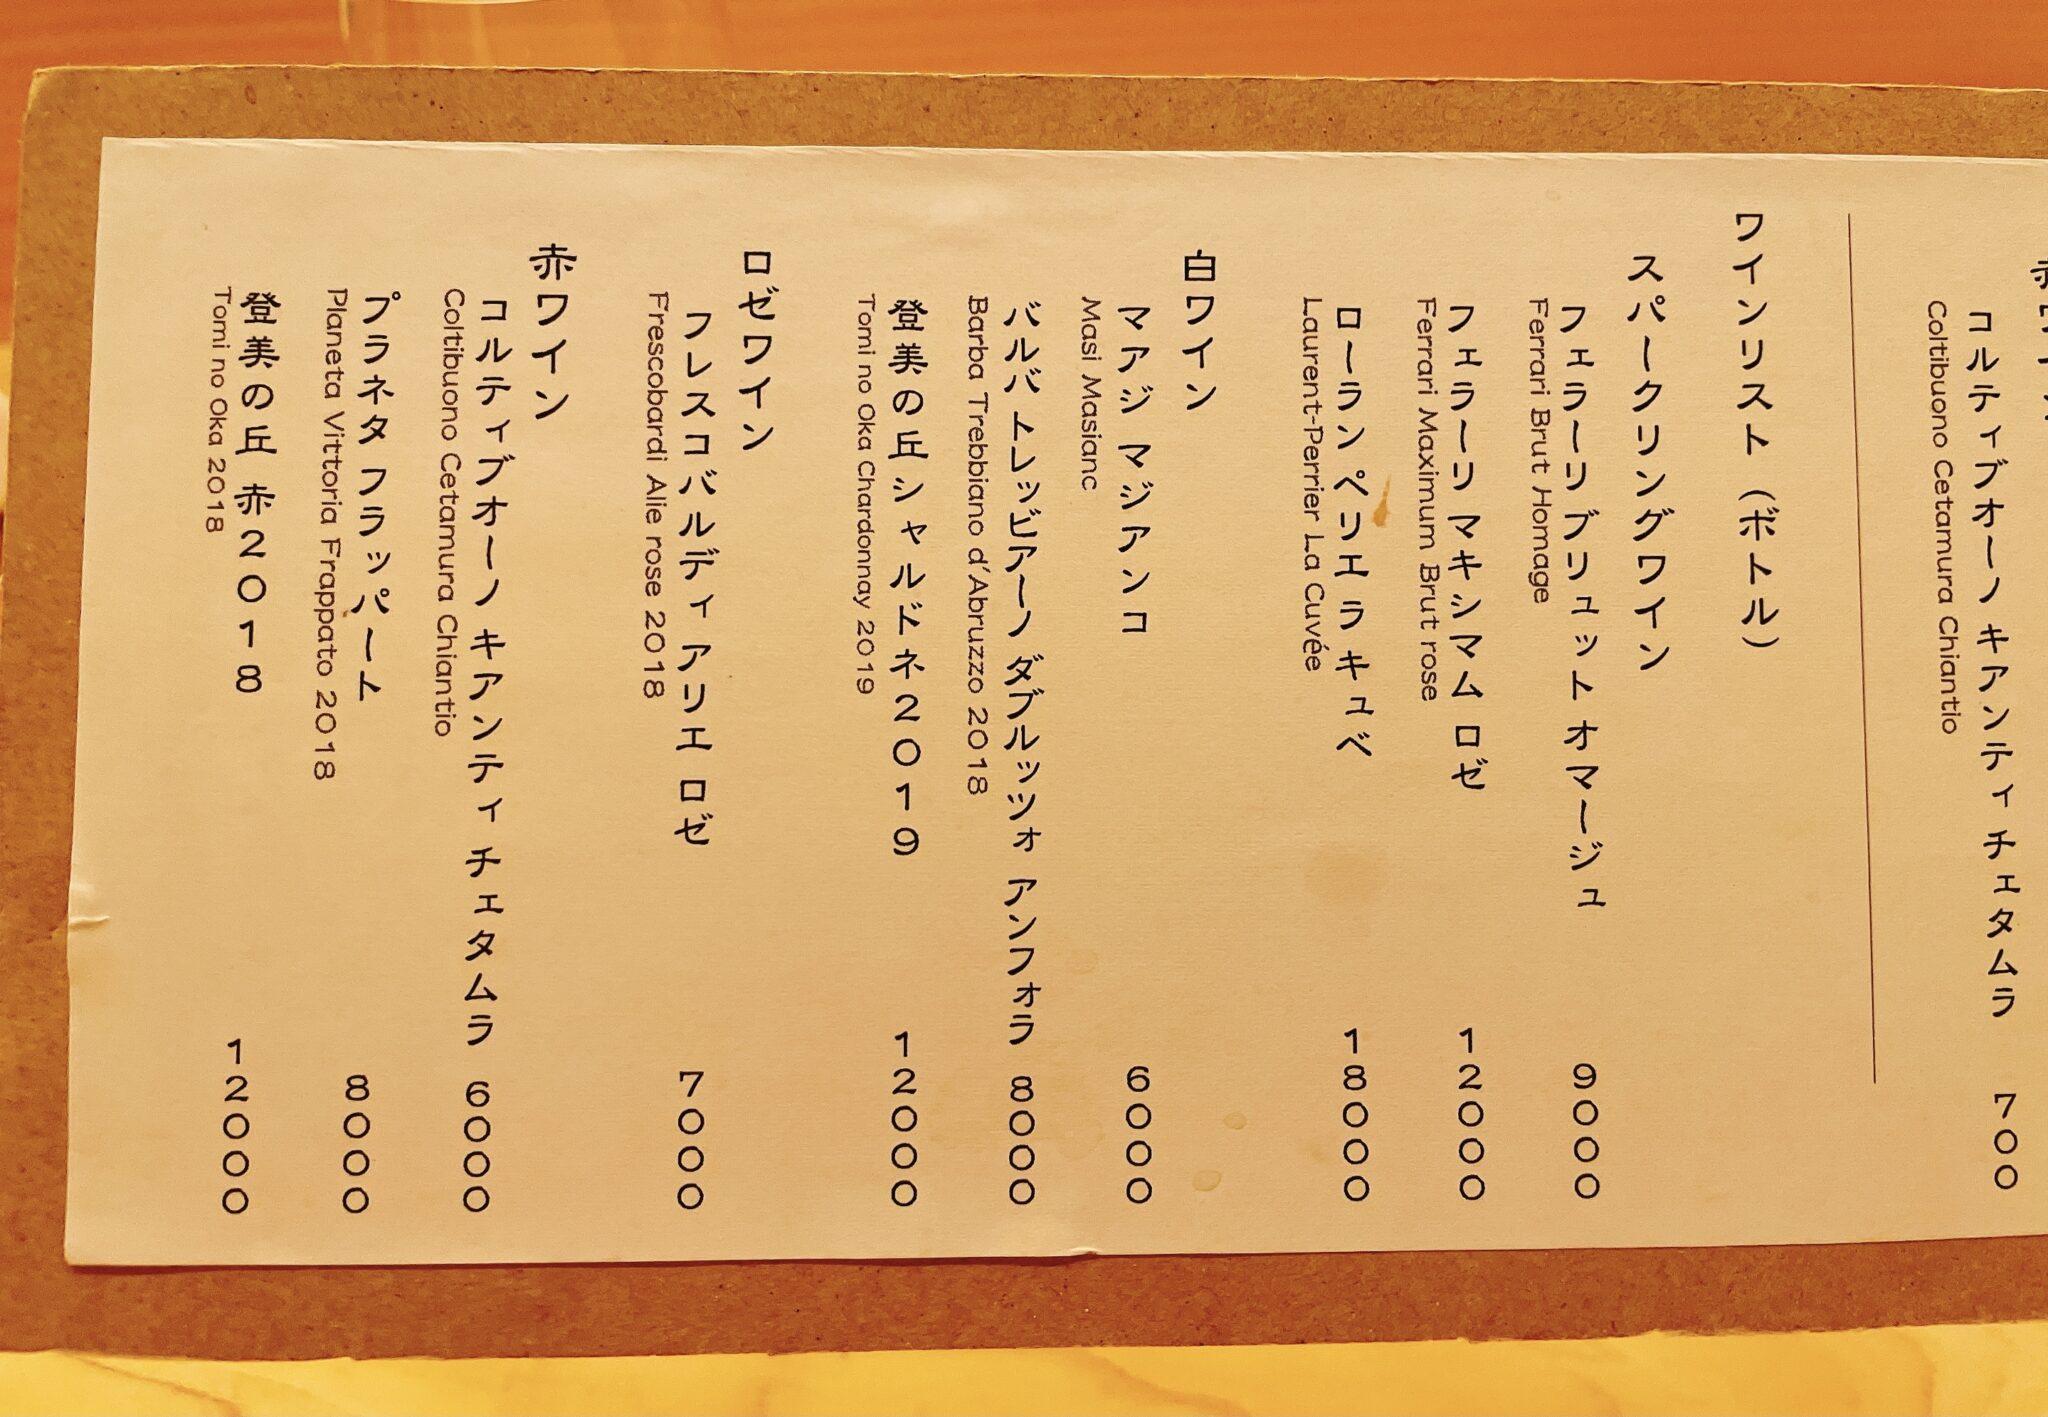 【鮨おにかい+1(たすいち) 中目黒】のワインメニュー